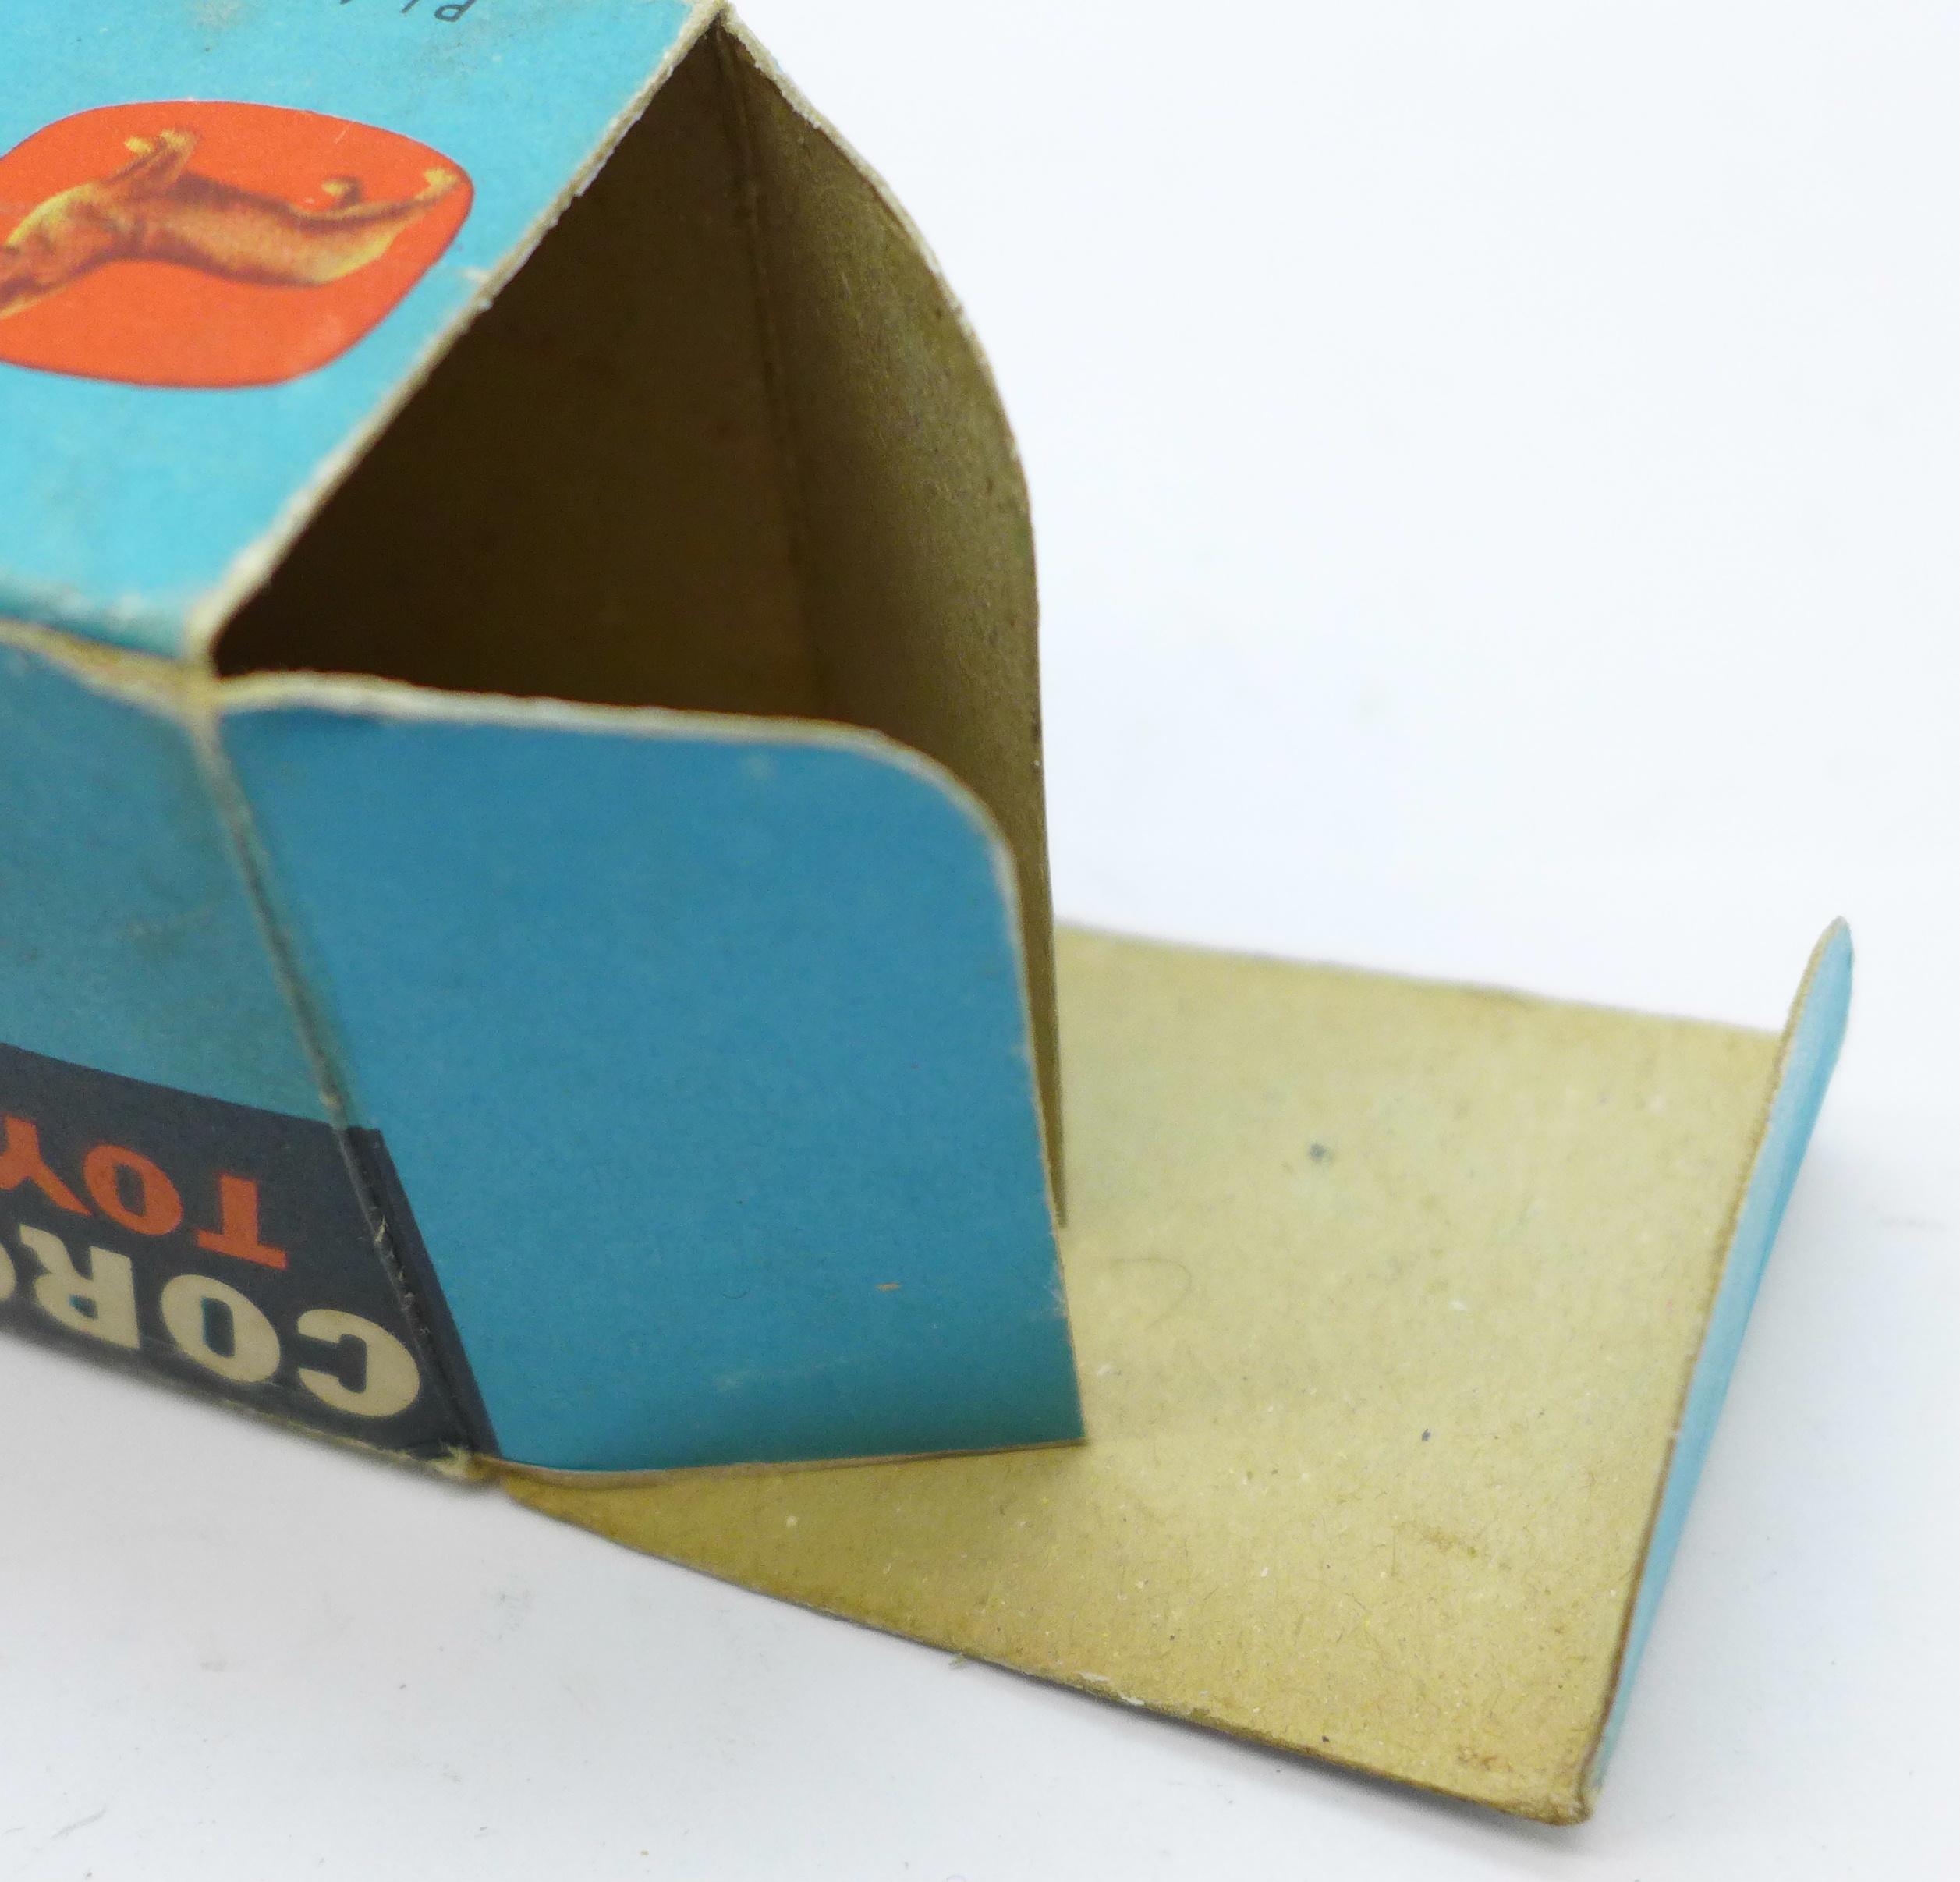 A Corgi Toys No. 405 Bedford Utilecon, boxed - Image 5 of 5